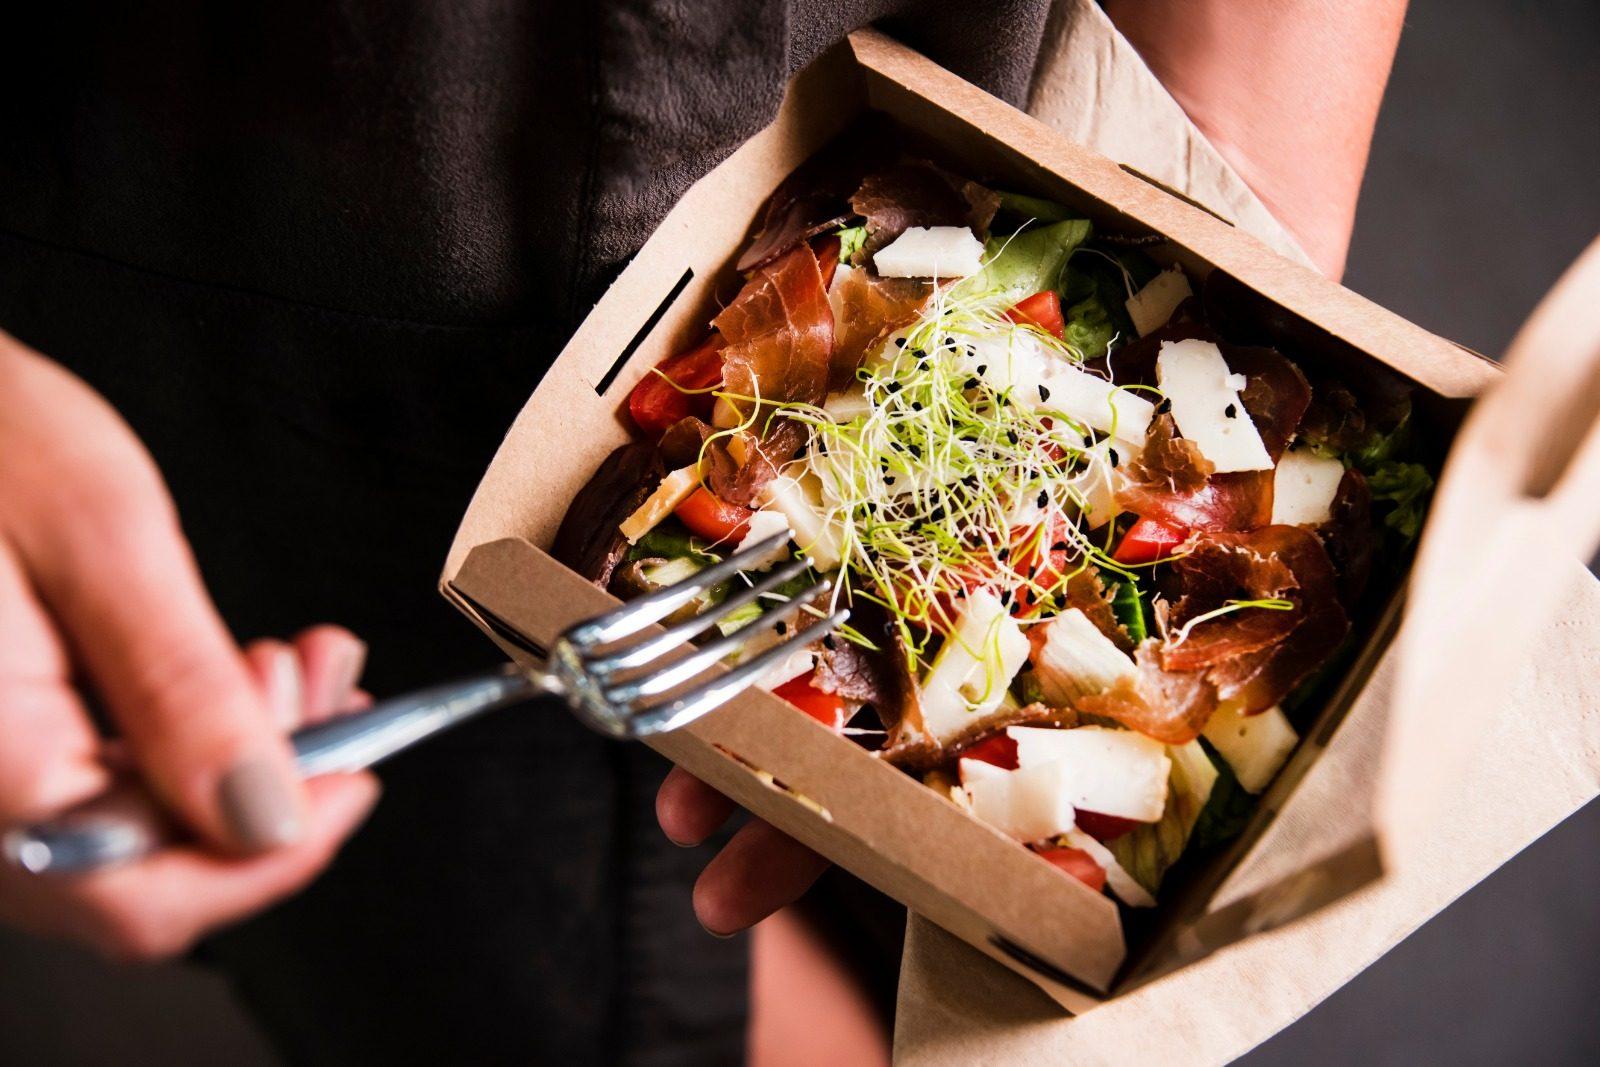 Doggy bag obbligatoria per i ristoratori: scatta la petizione anti-spreco